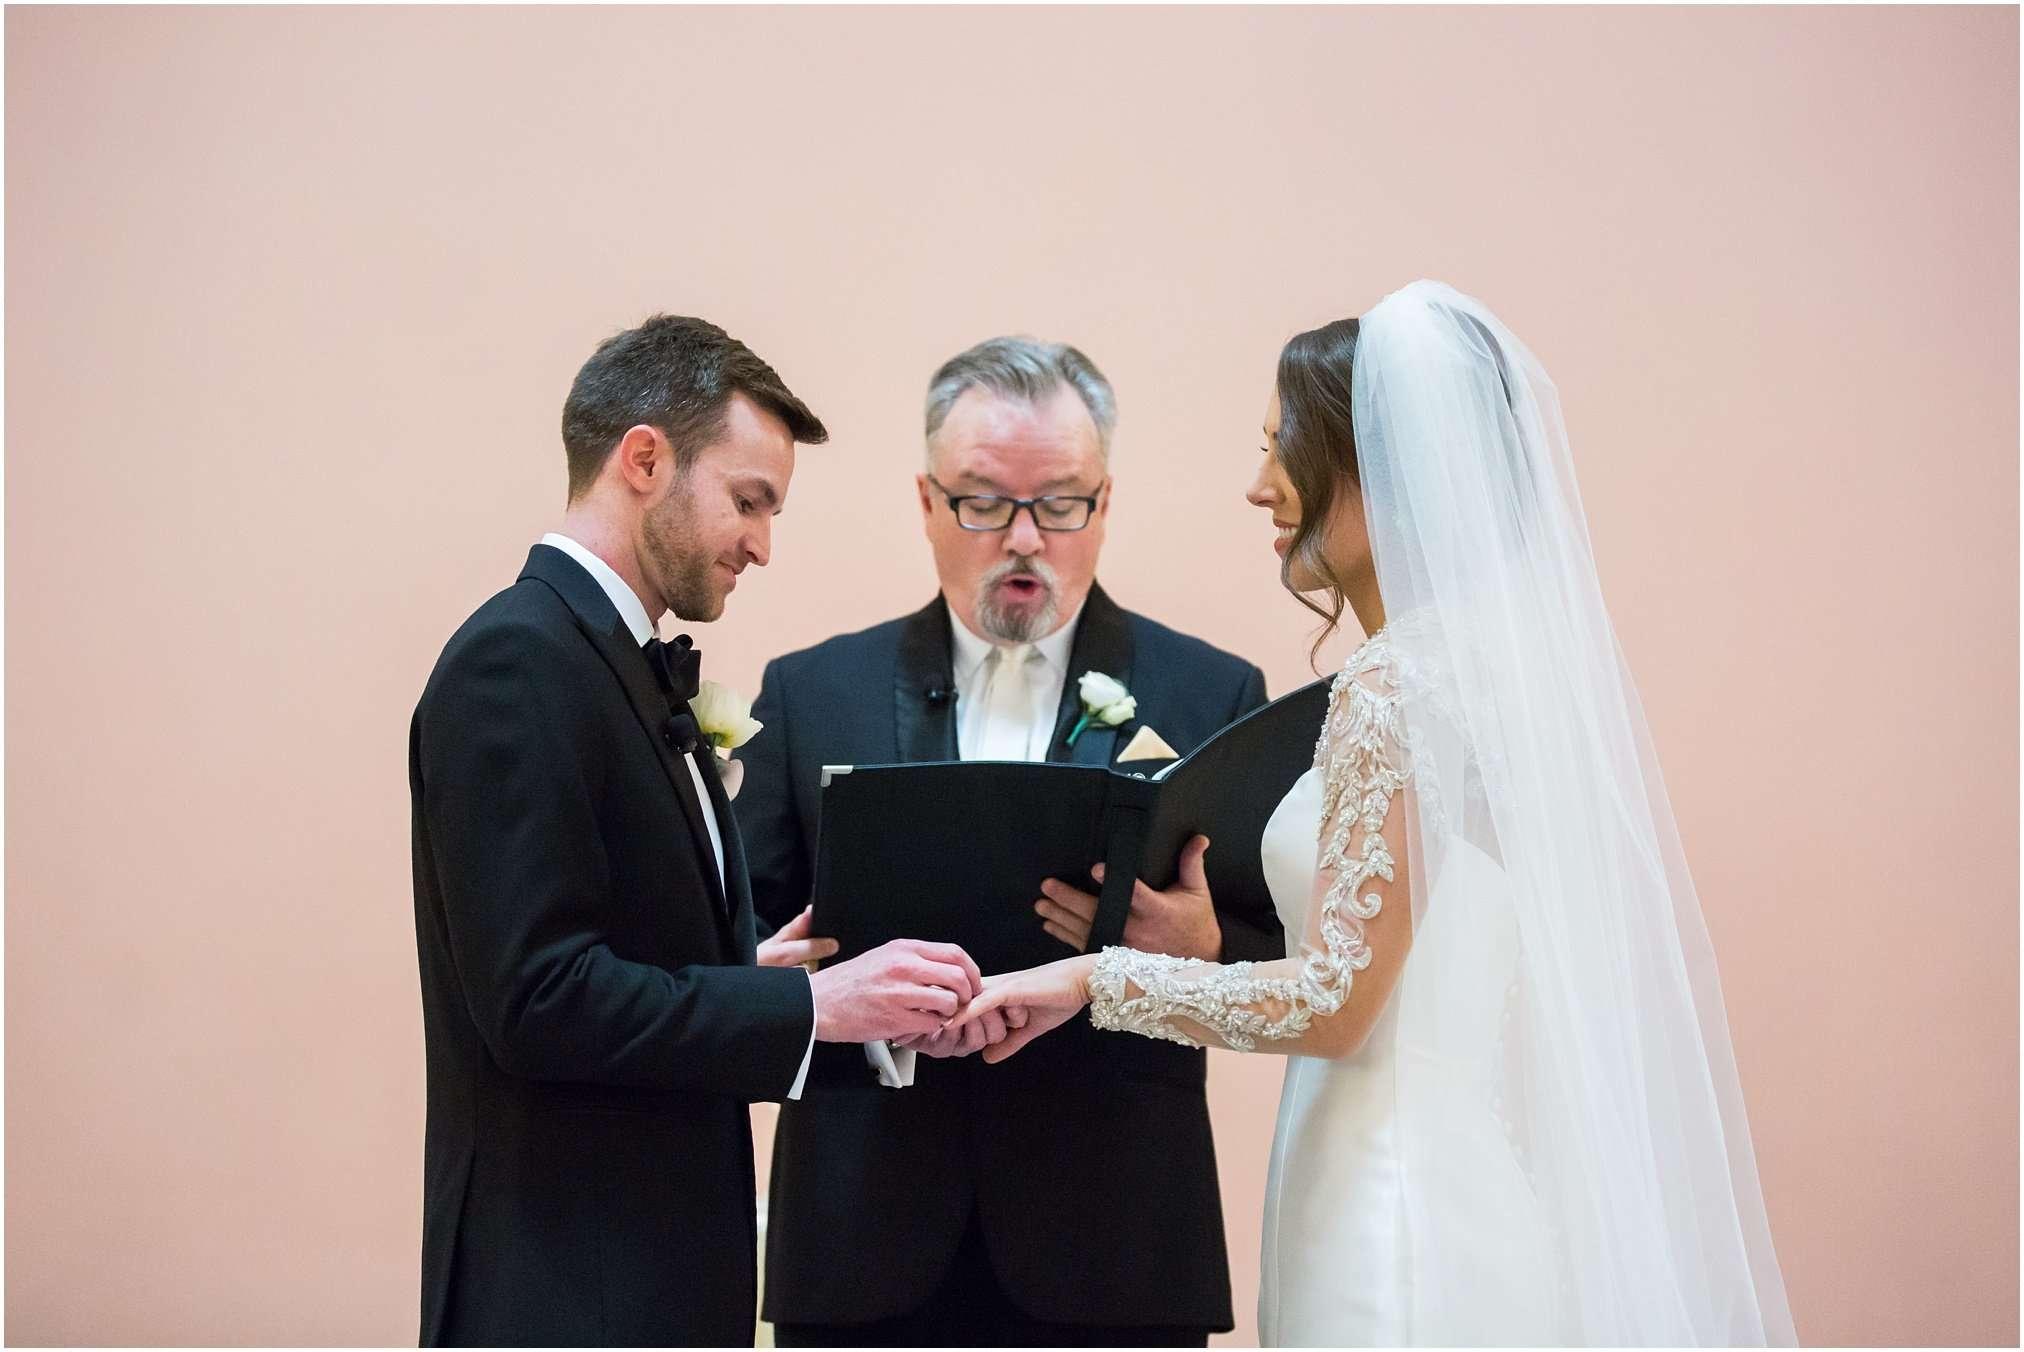 Spring Wedding at the Ohio Statehouse | Columbus Ohio Photography 144